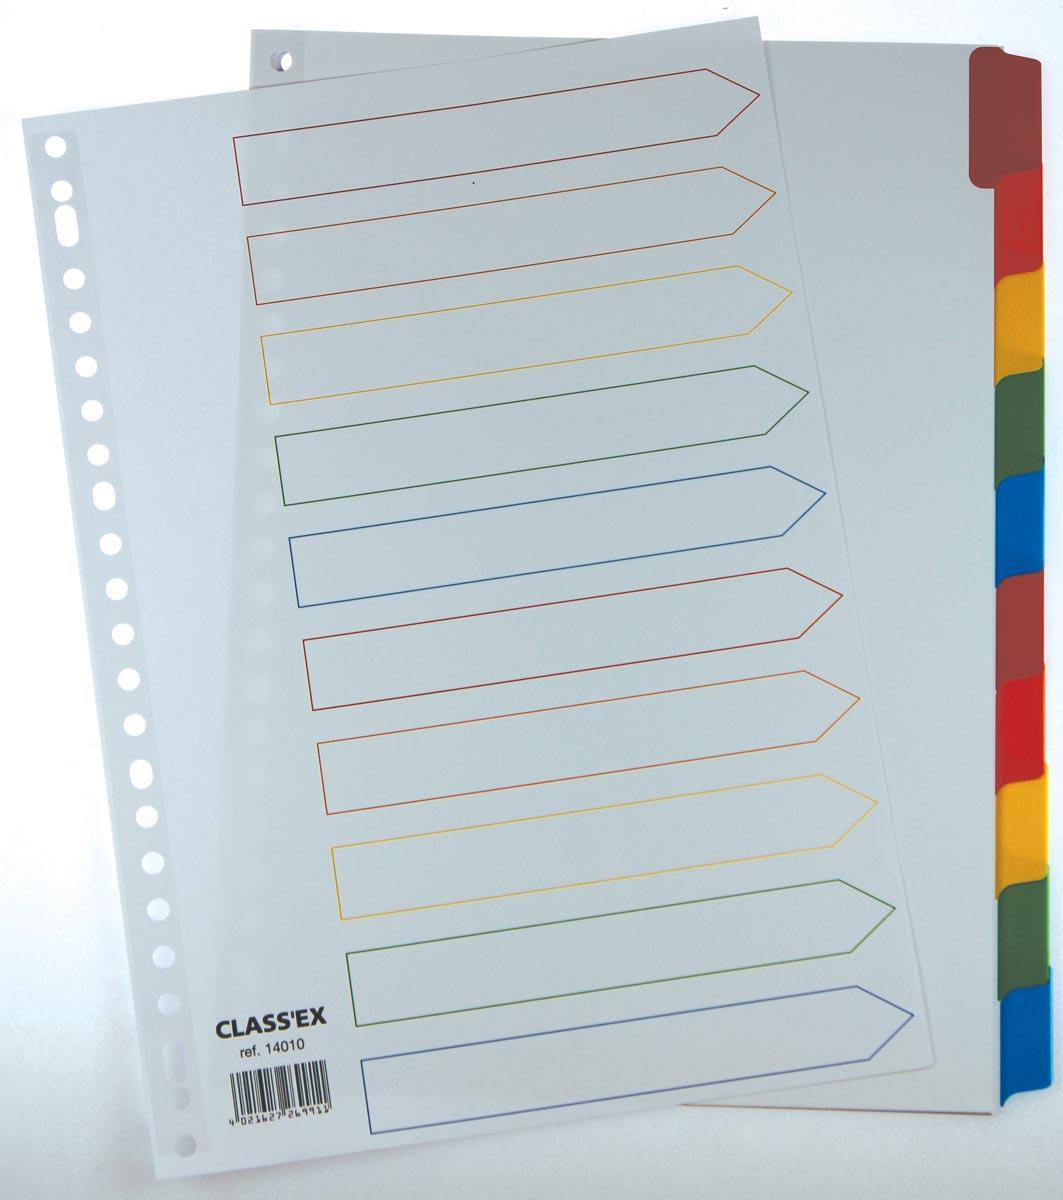 Class'ex tabbladen wit, 23-gaatsperforatie, 10 gekleurde tabs